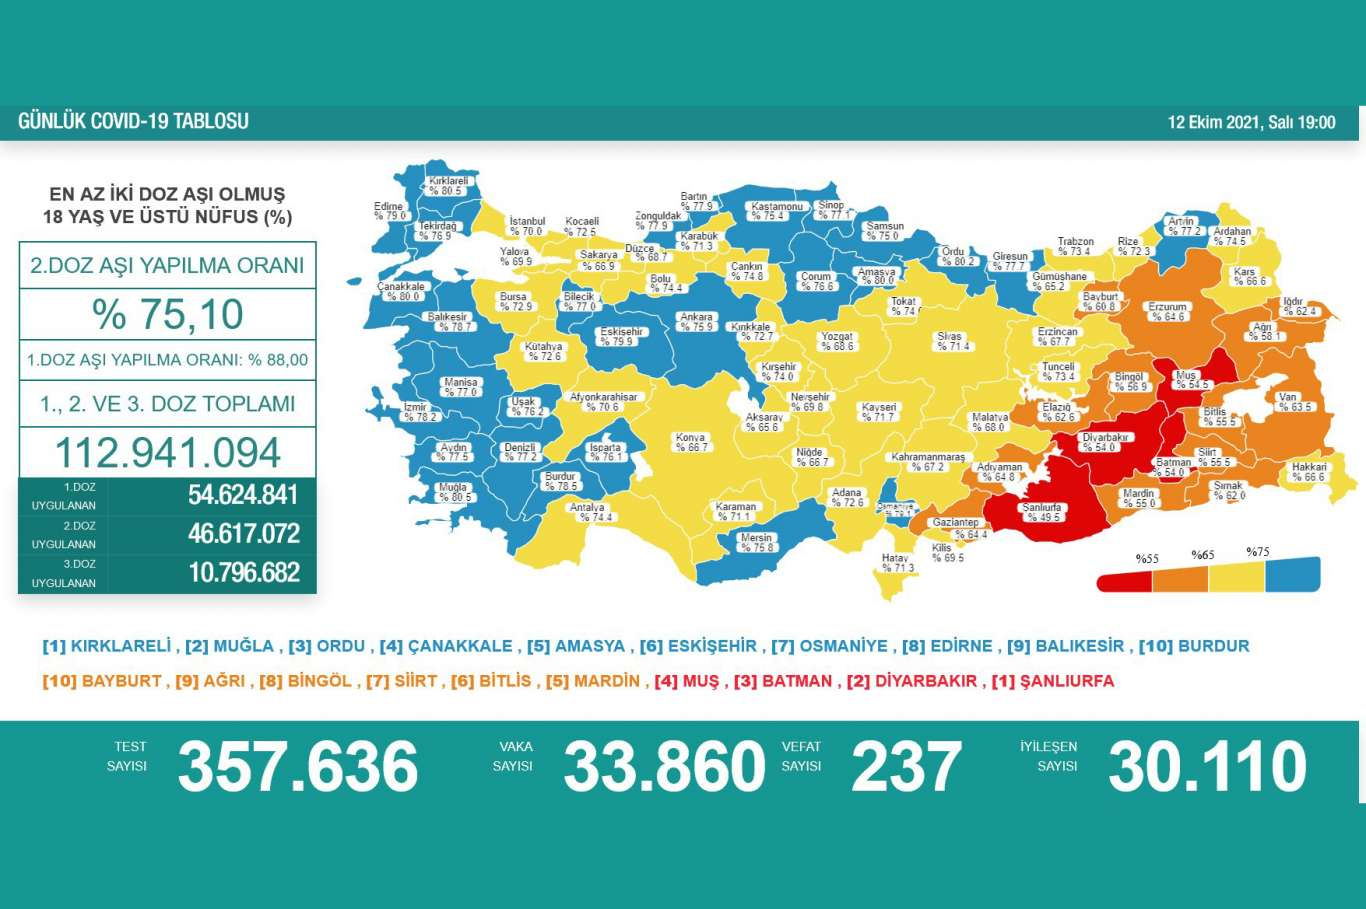 Türkiye'de Covid-19 vaka sayıları son dönemin rekorunu kırdı